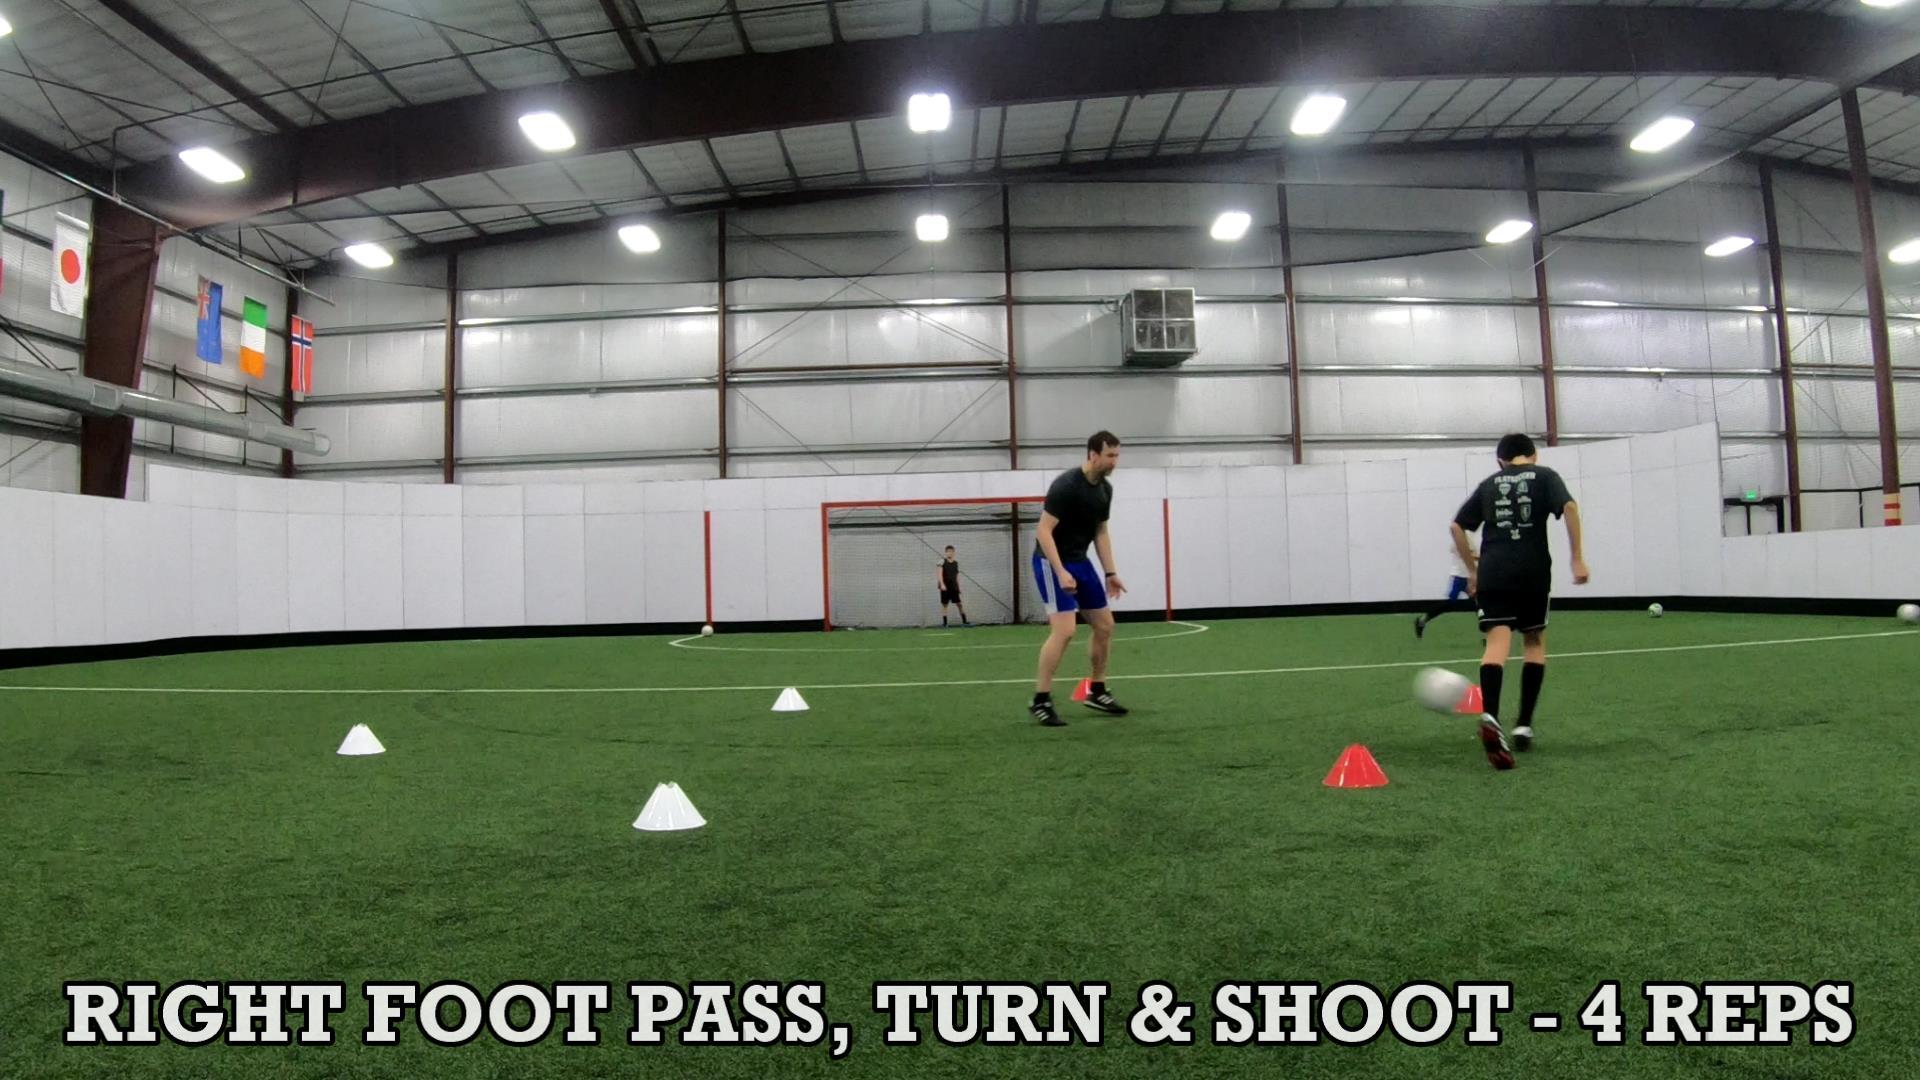 Soccer Training for Kids 7